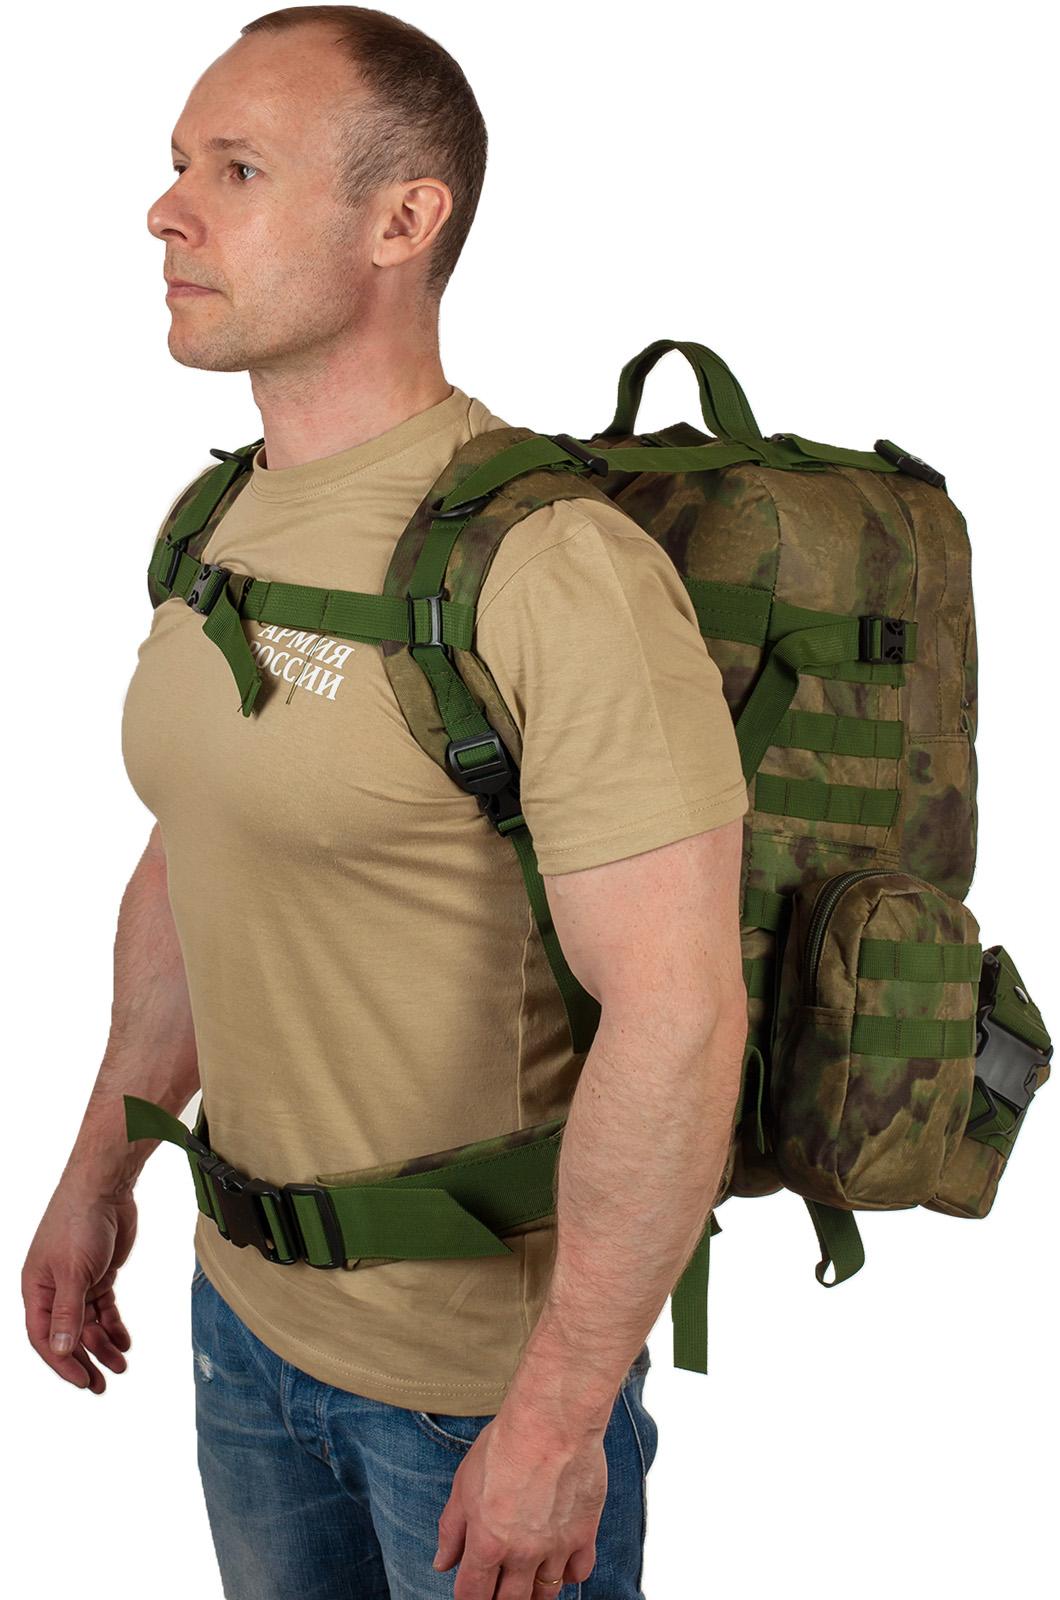 Рейдовый камуфляжный рюкзак-трансформер СПЕЦНАЗ - заказать онлайн